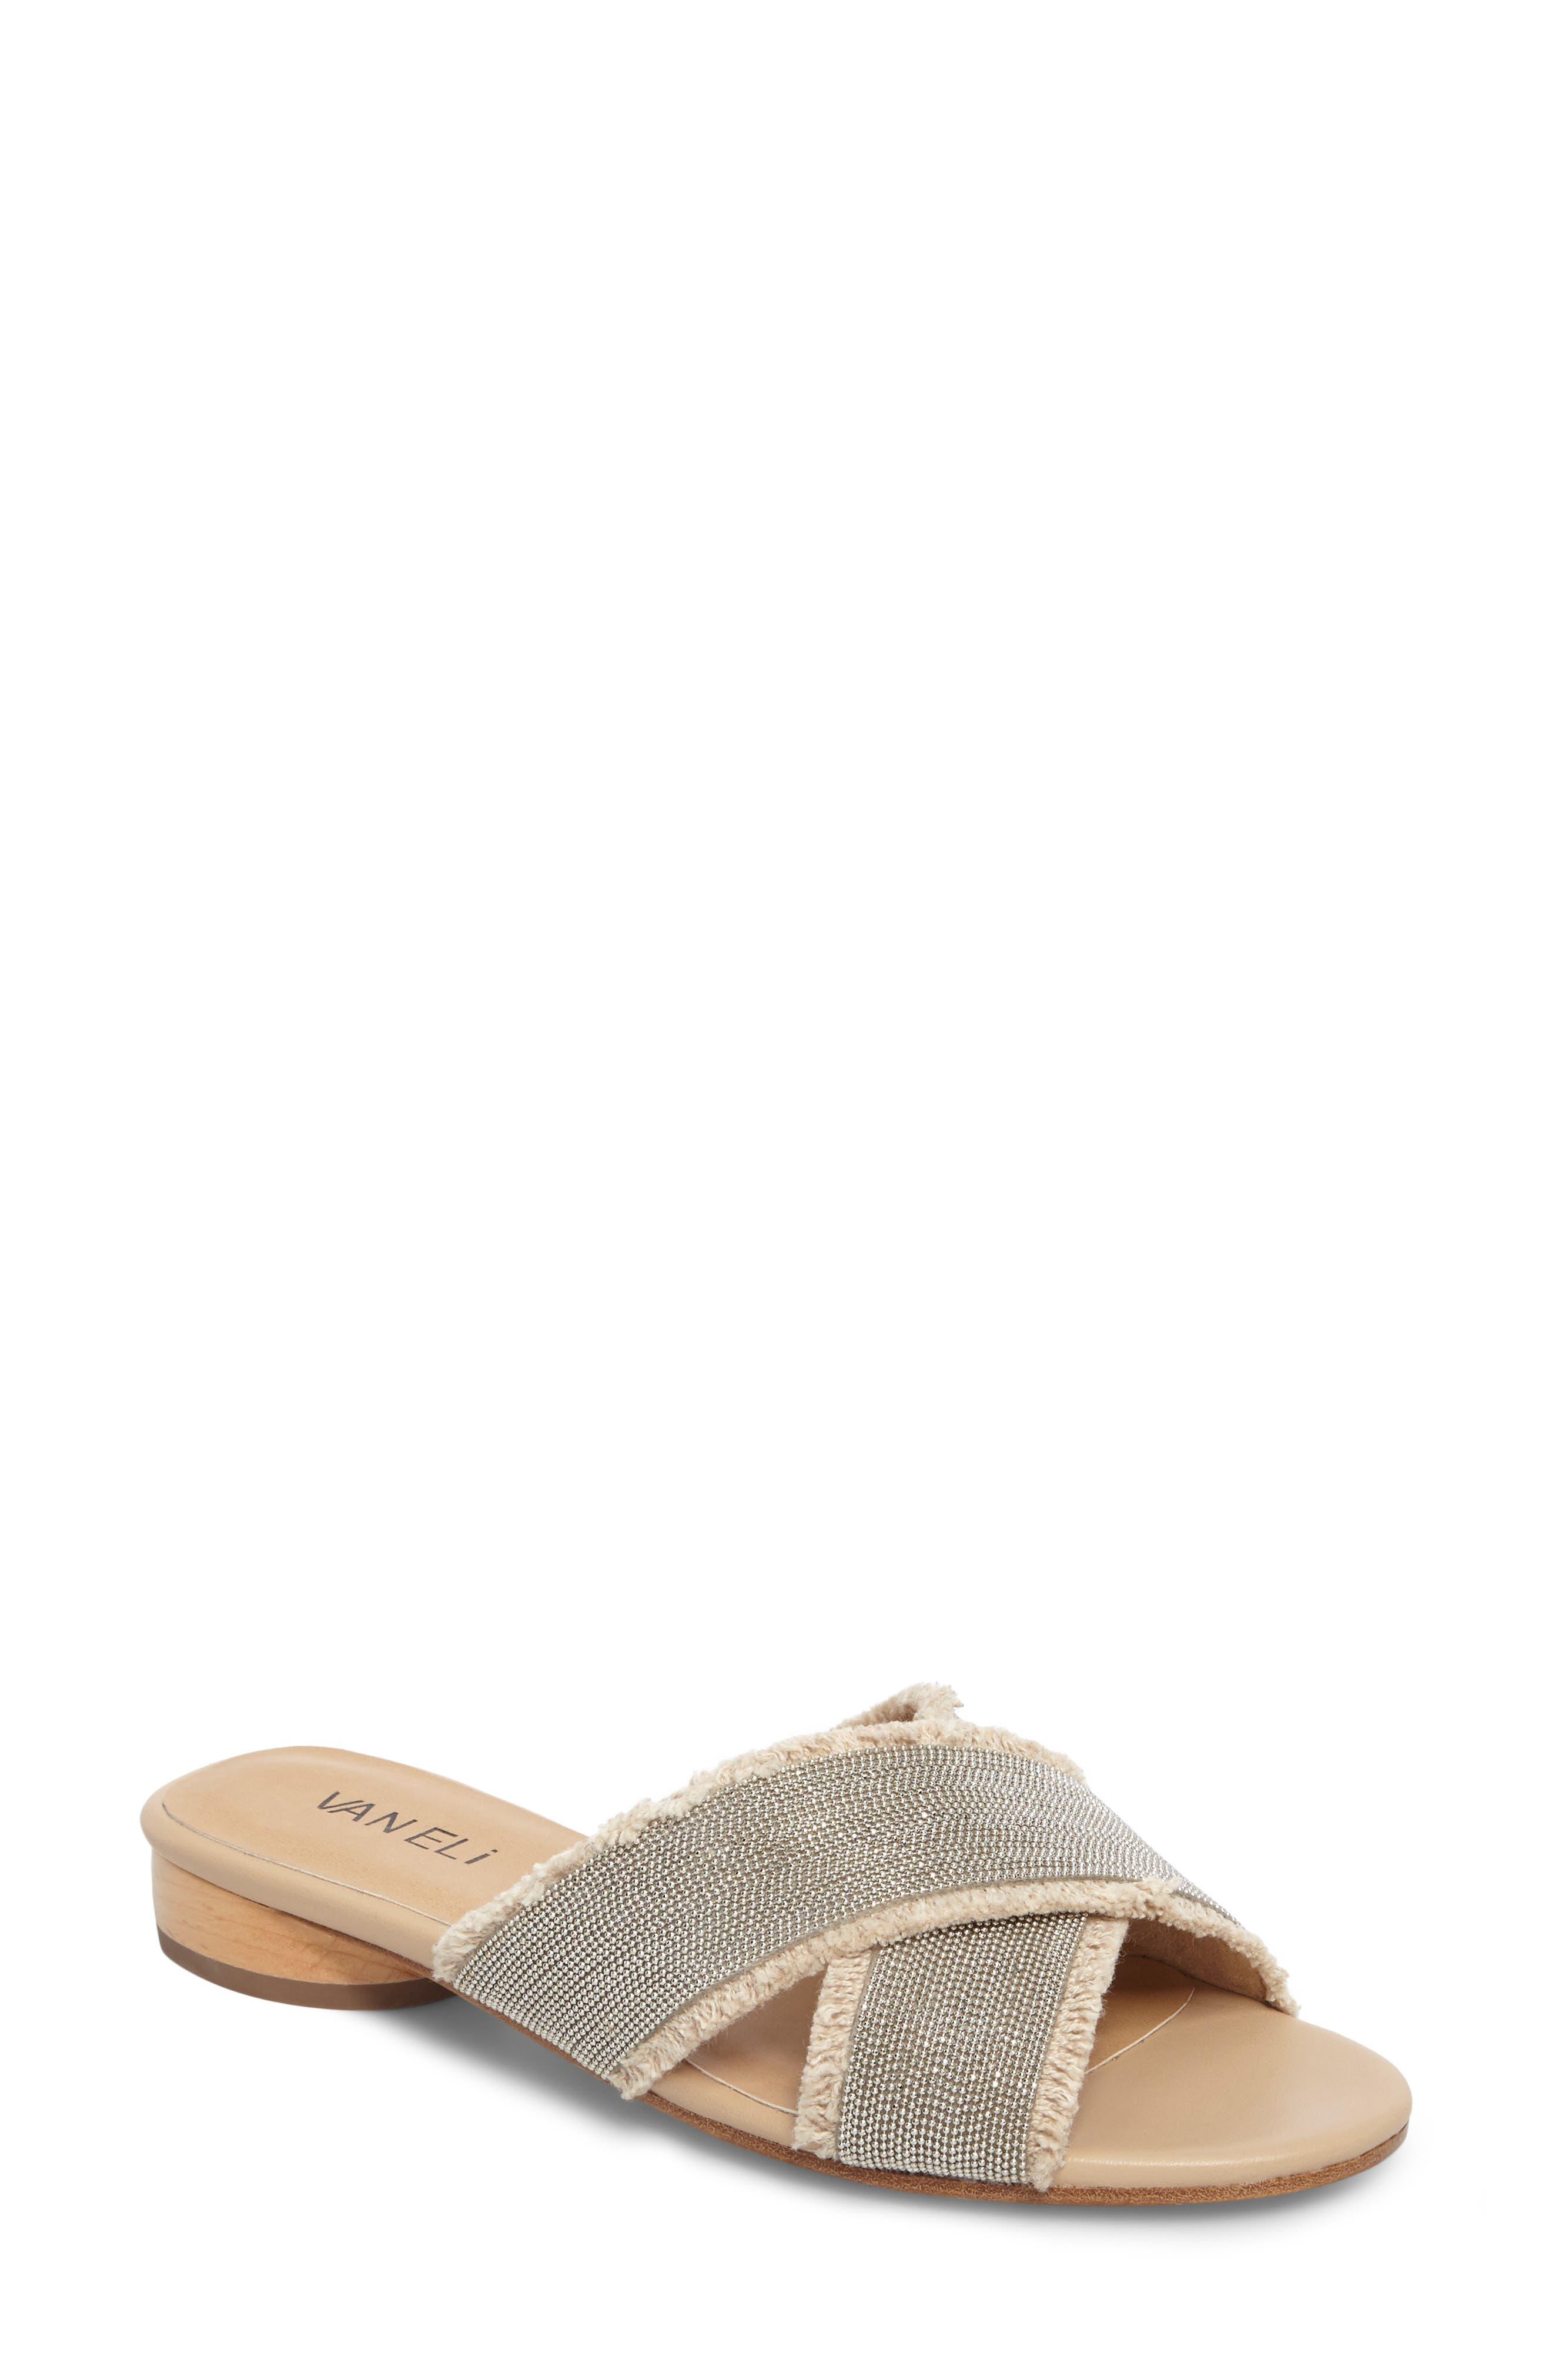 Baret Slide Sandal,                         Main,                         color, Natural Fabric